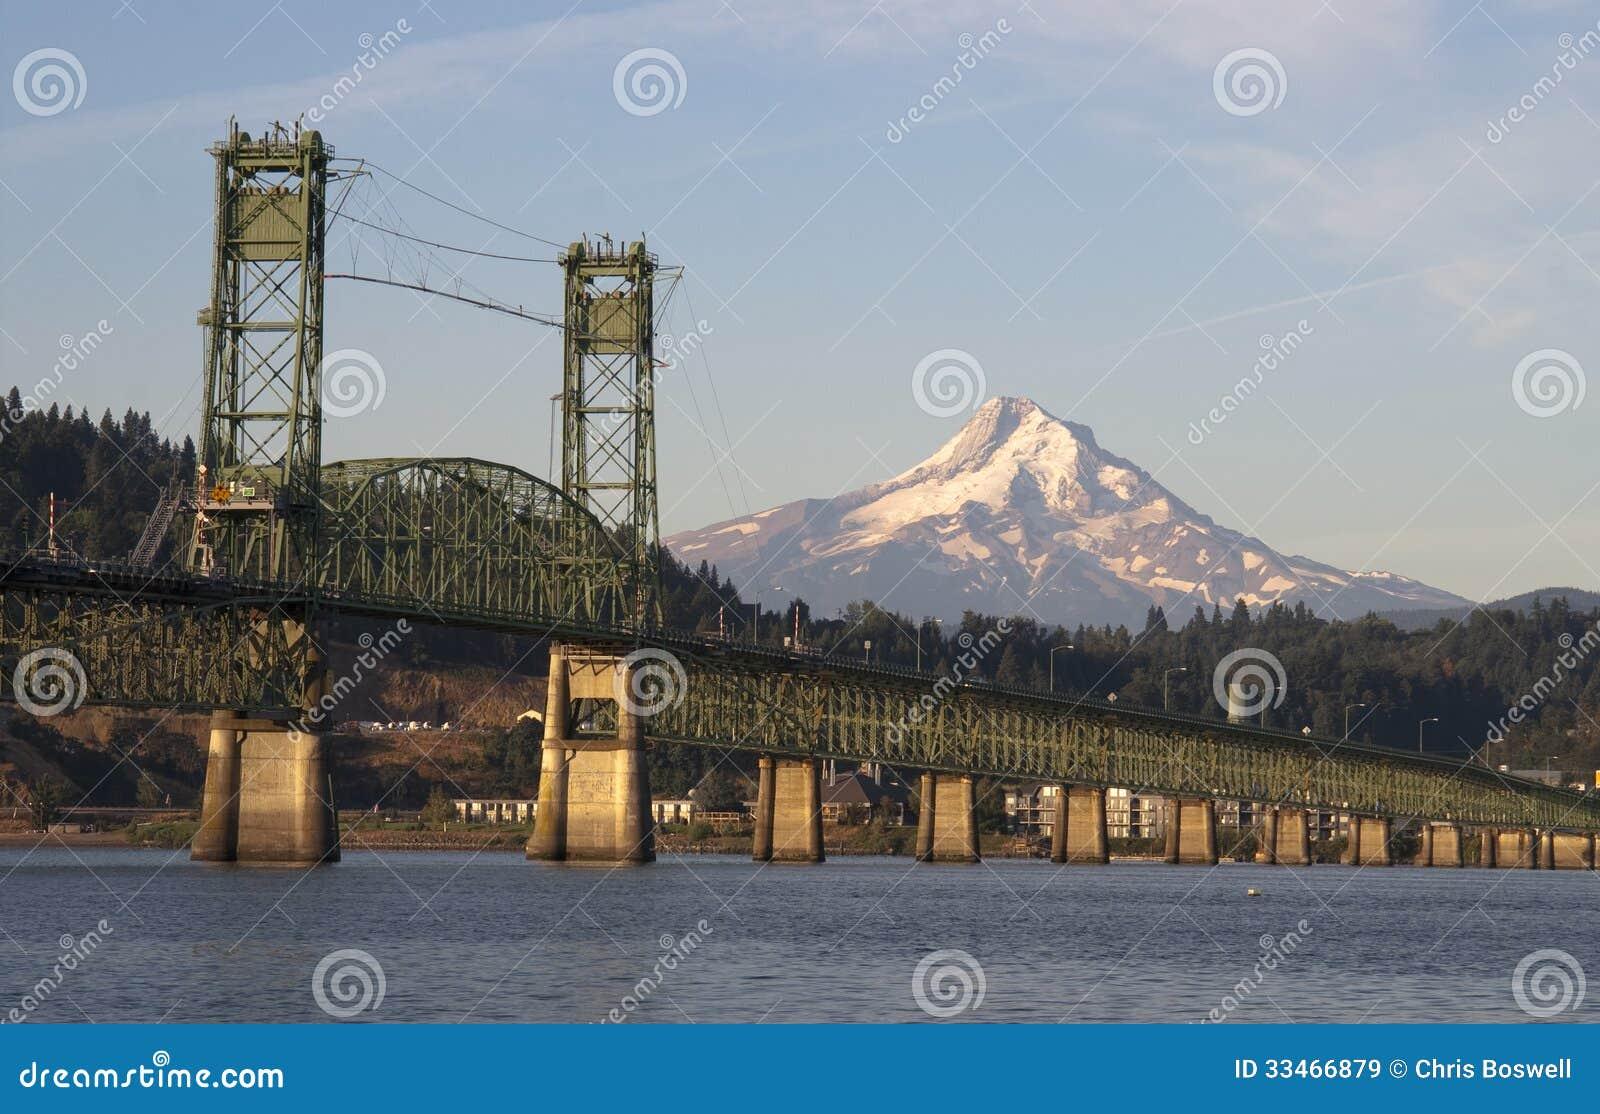 Bridge over Columbia to Hood River Oregon Cascade Mountian